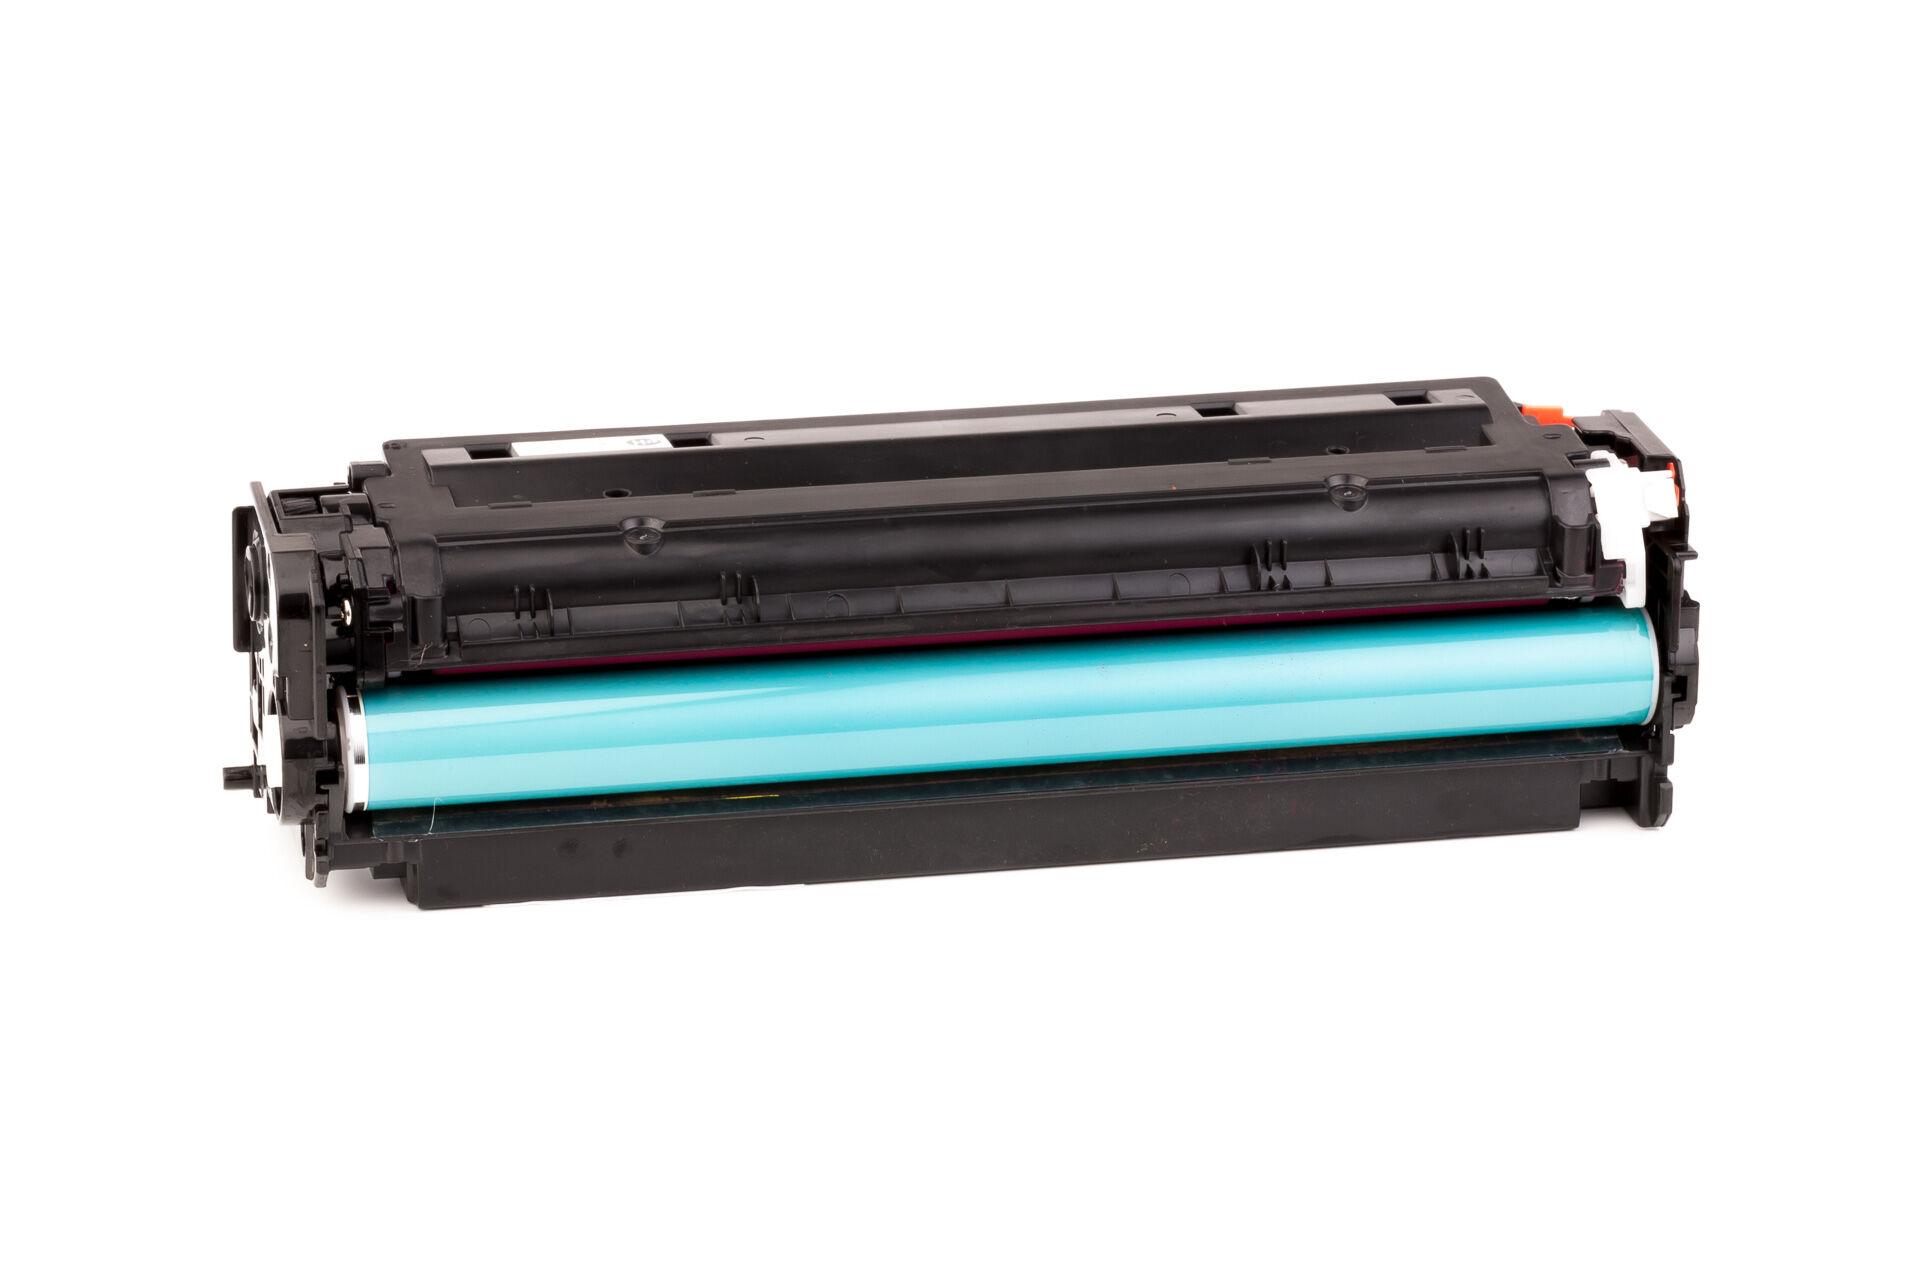 HP Cartouche de Toner pour HP CF383A / 312A magenta compatible (de marque ASC)